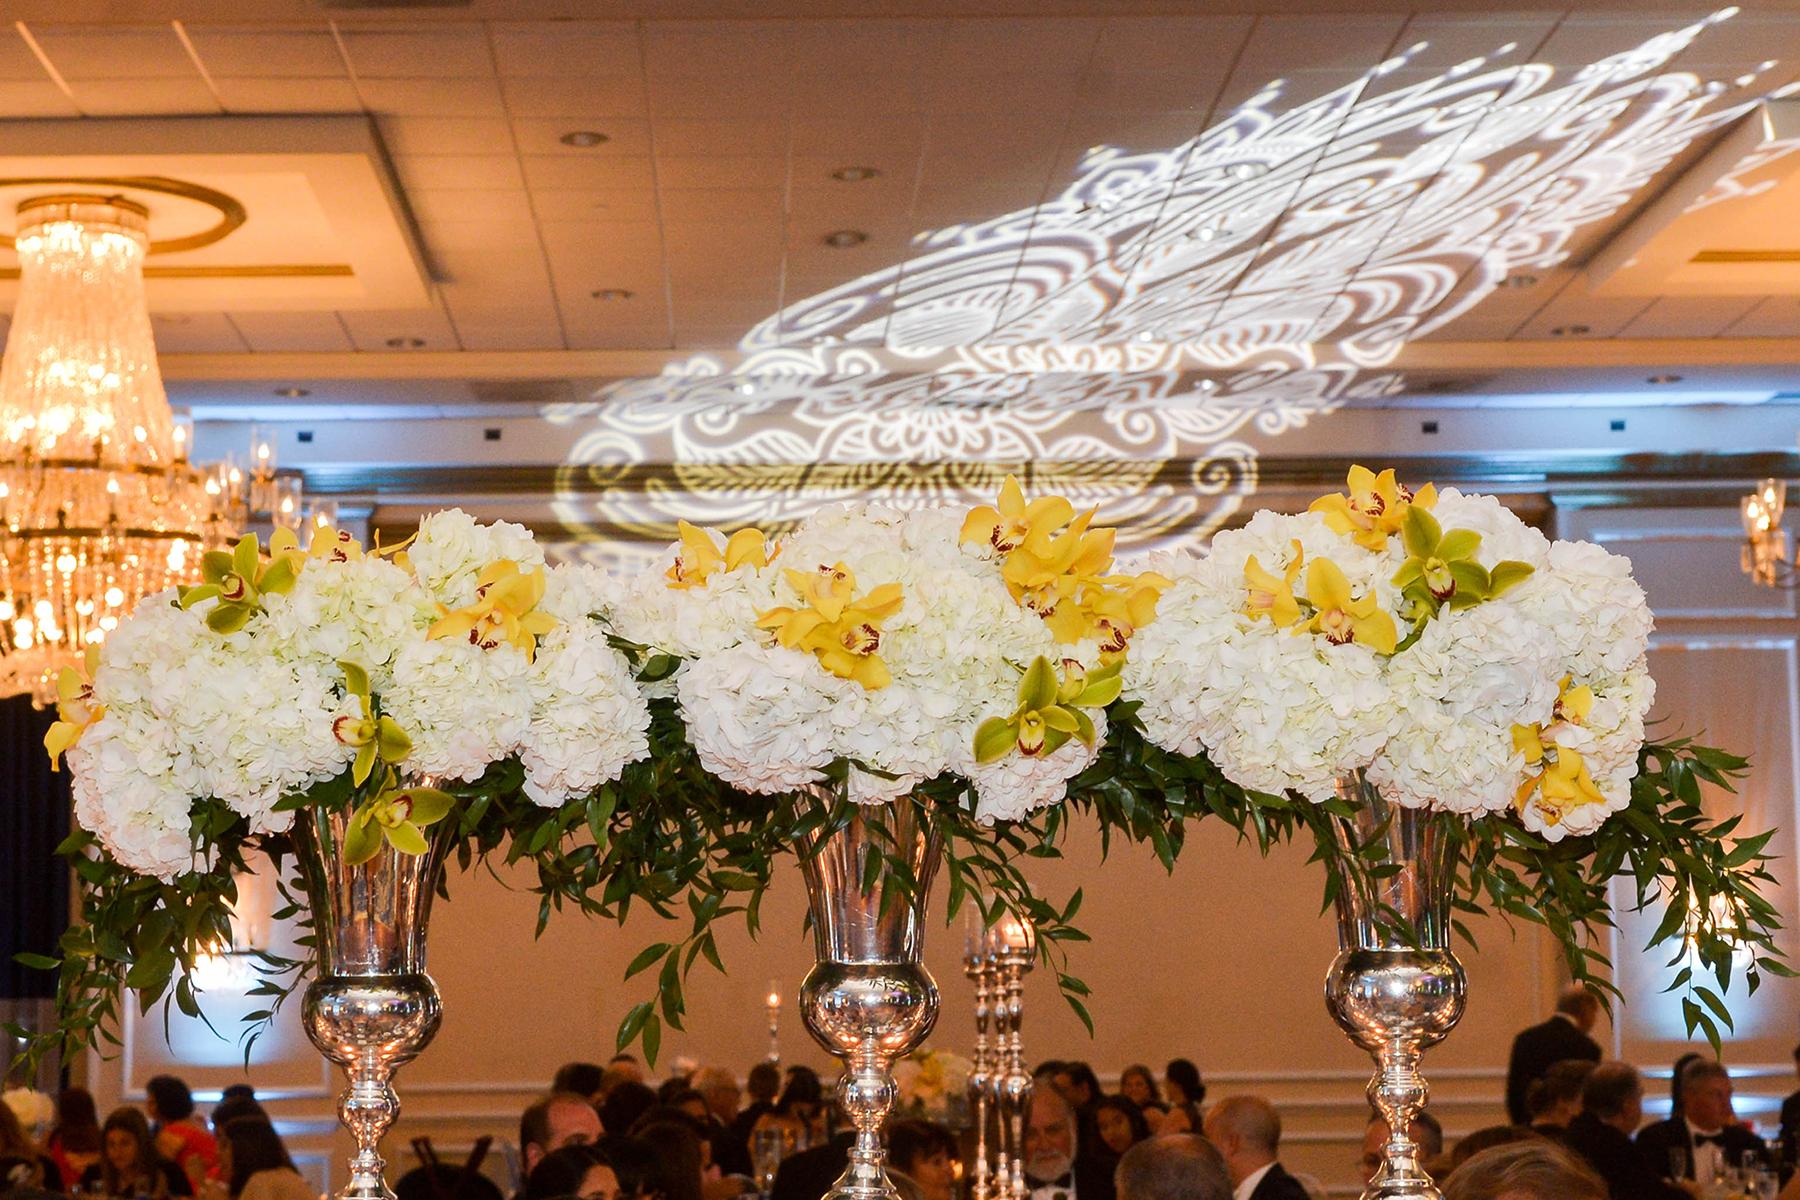 Proyecciones, hortensias y otros detalles de elegancia en el senior prom de CPN. Foto Enid M. Salgado Mercado